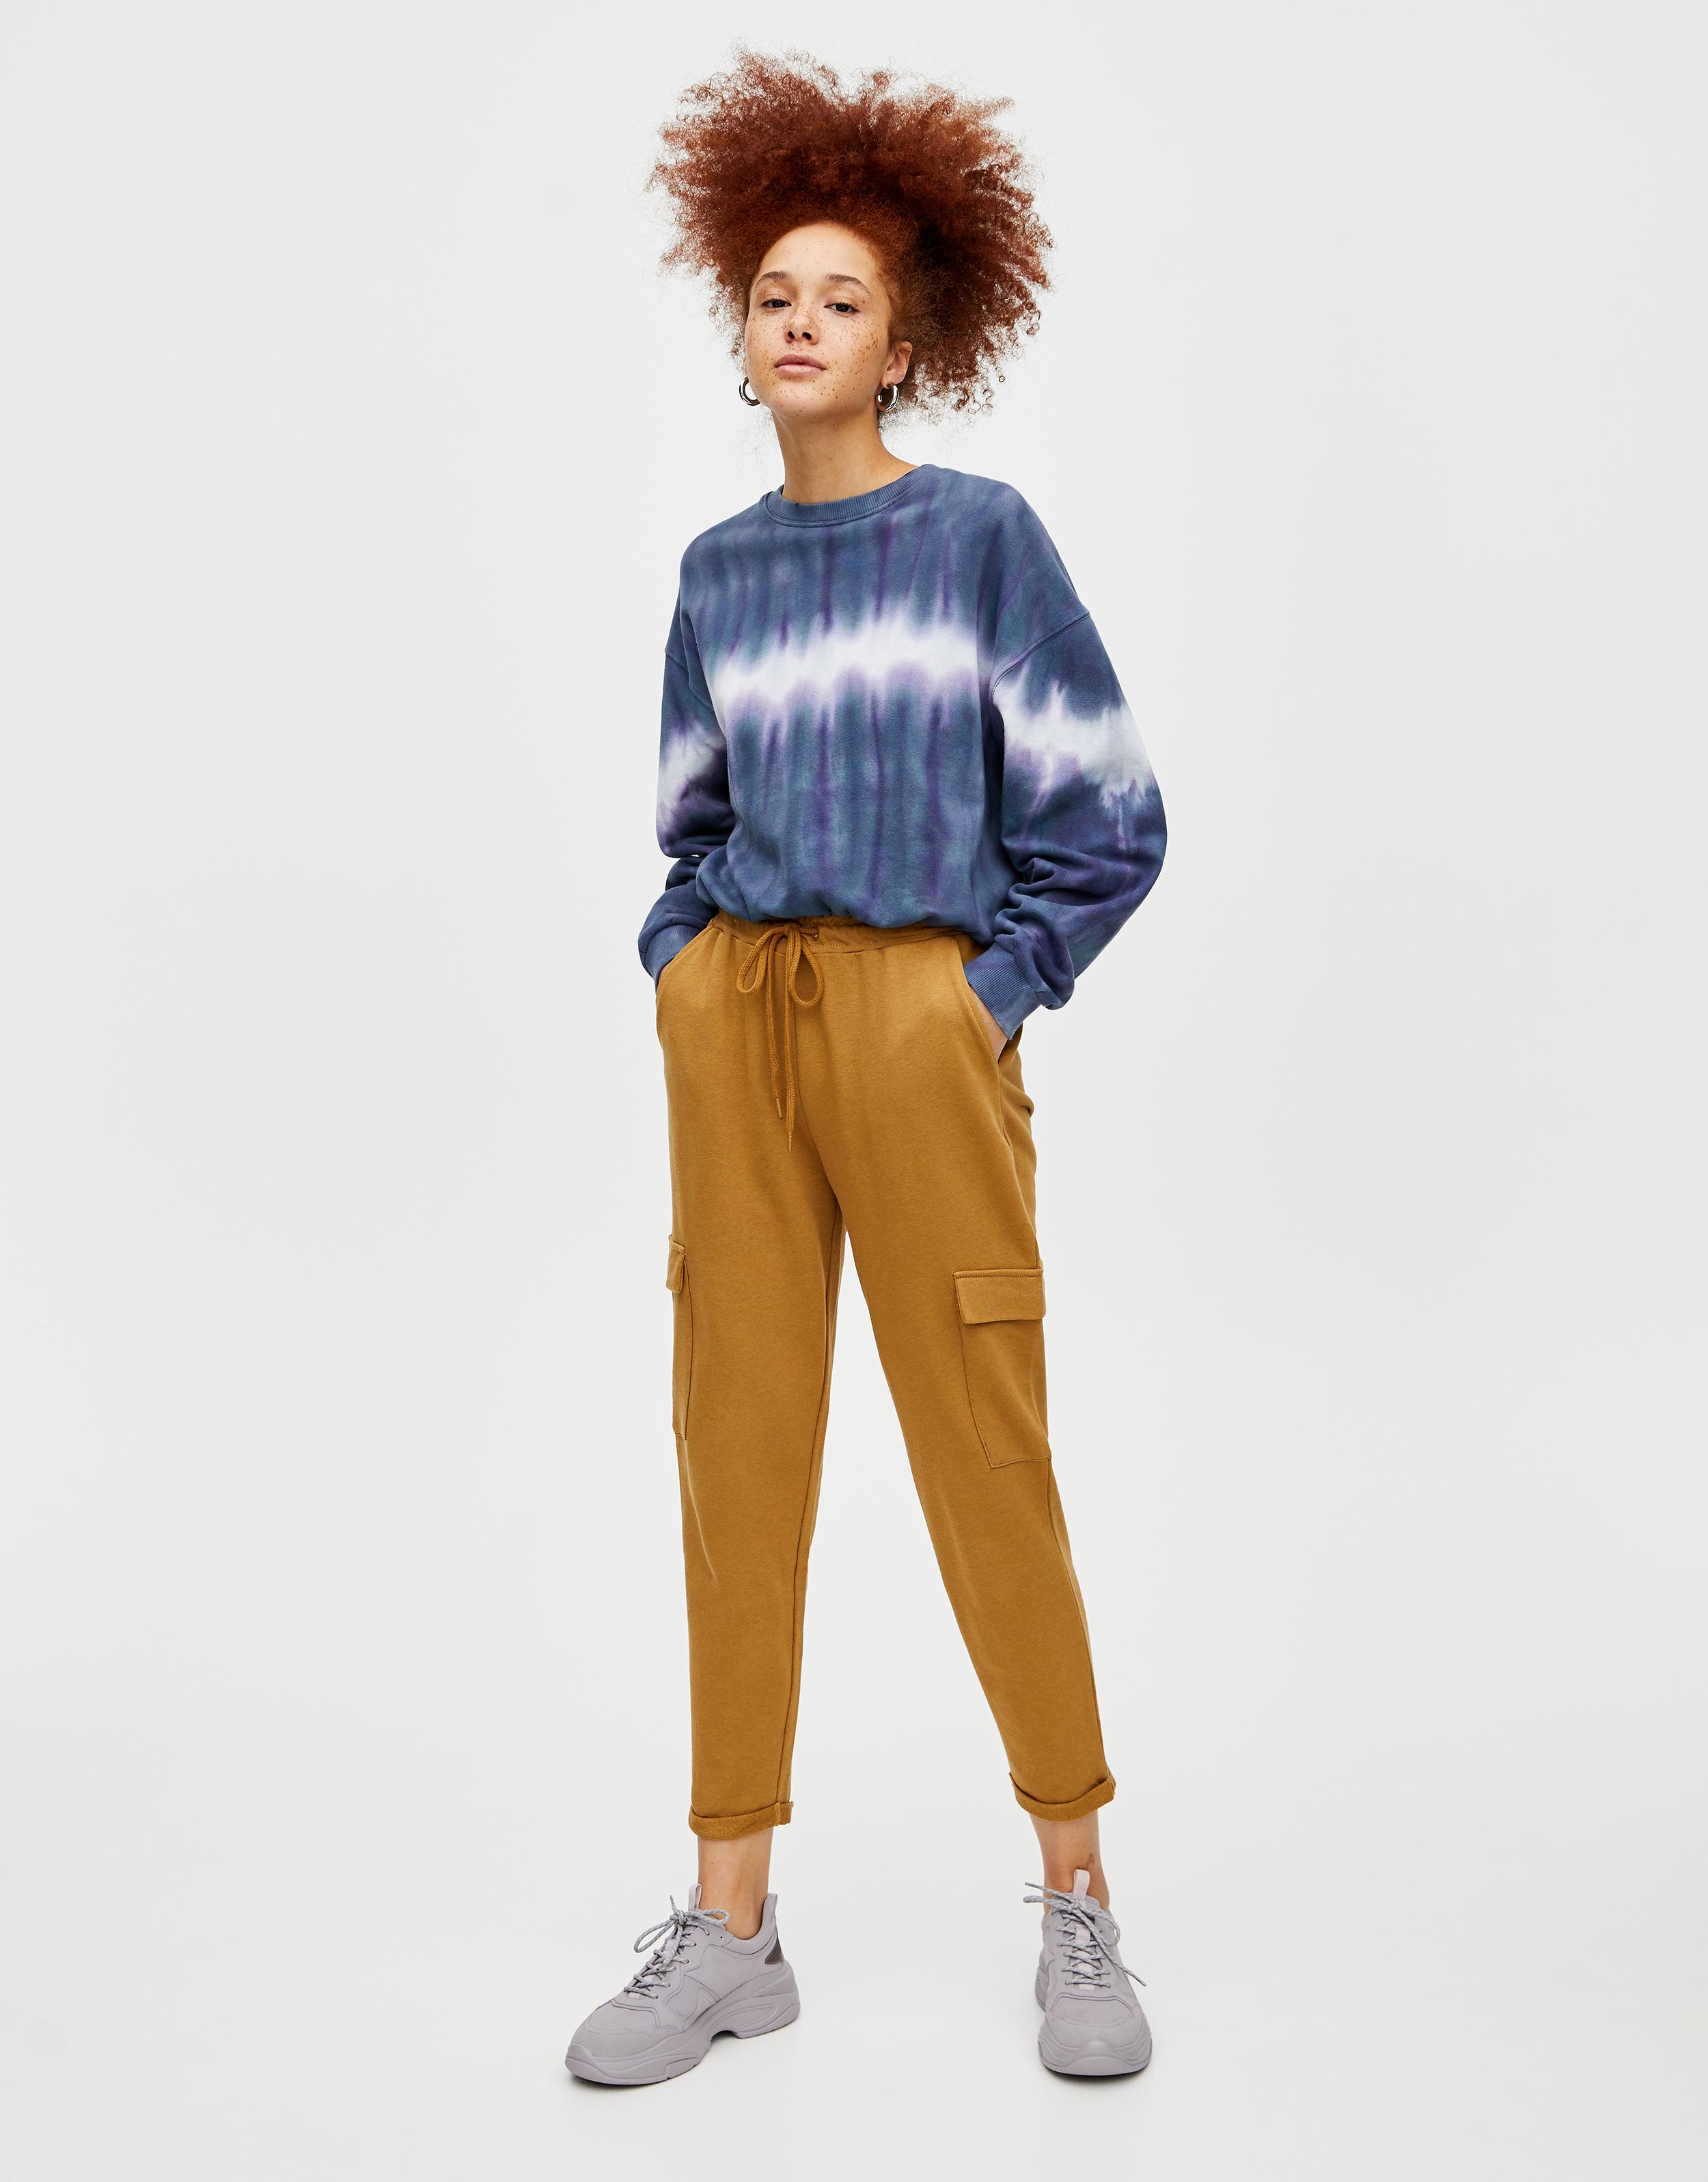 Jogger Primavera De 2019 Mujer amp;bear Pull Pantalones Verano H8pwxqxn